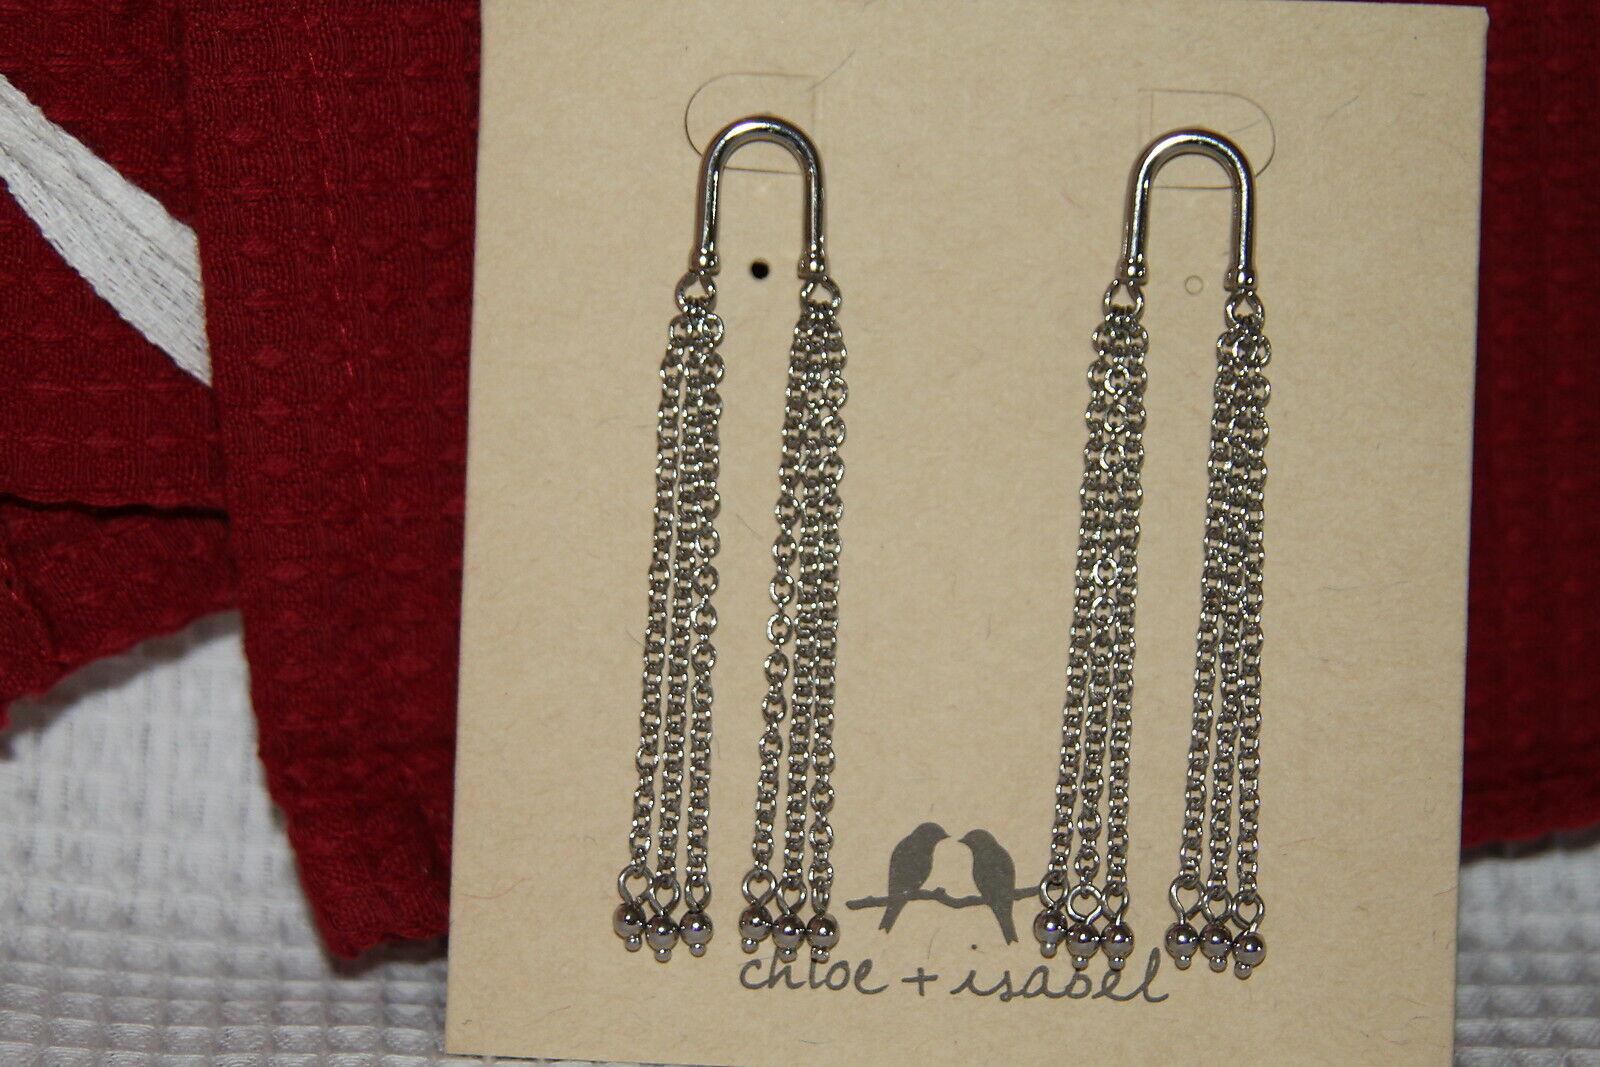 Chloe & Isabel Earrings (new) WATERFALL TASSEL EARRINGS (E446MESR)